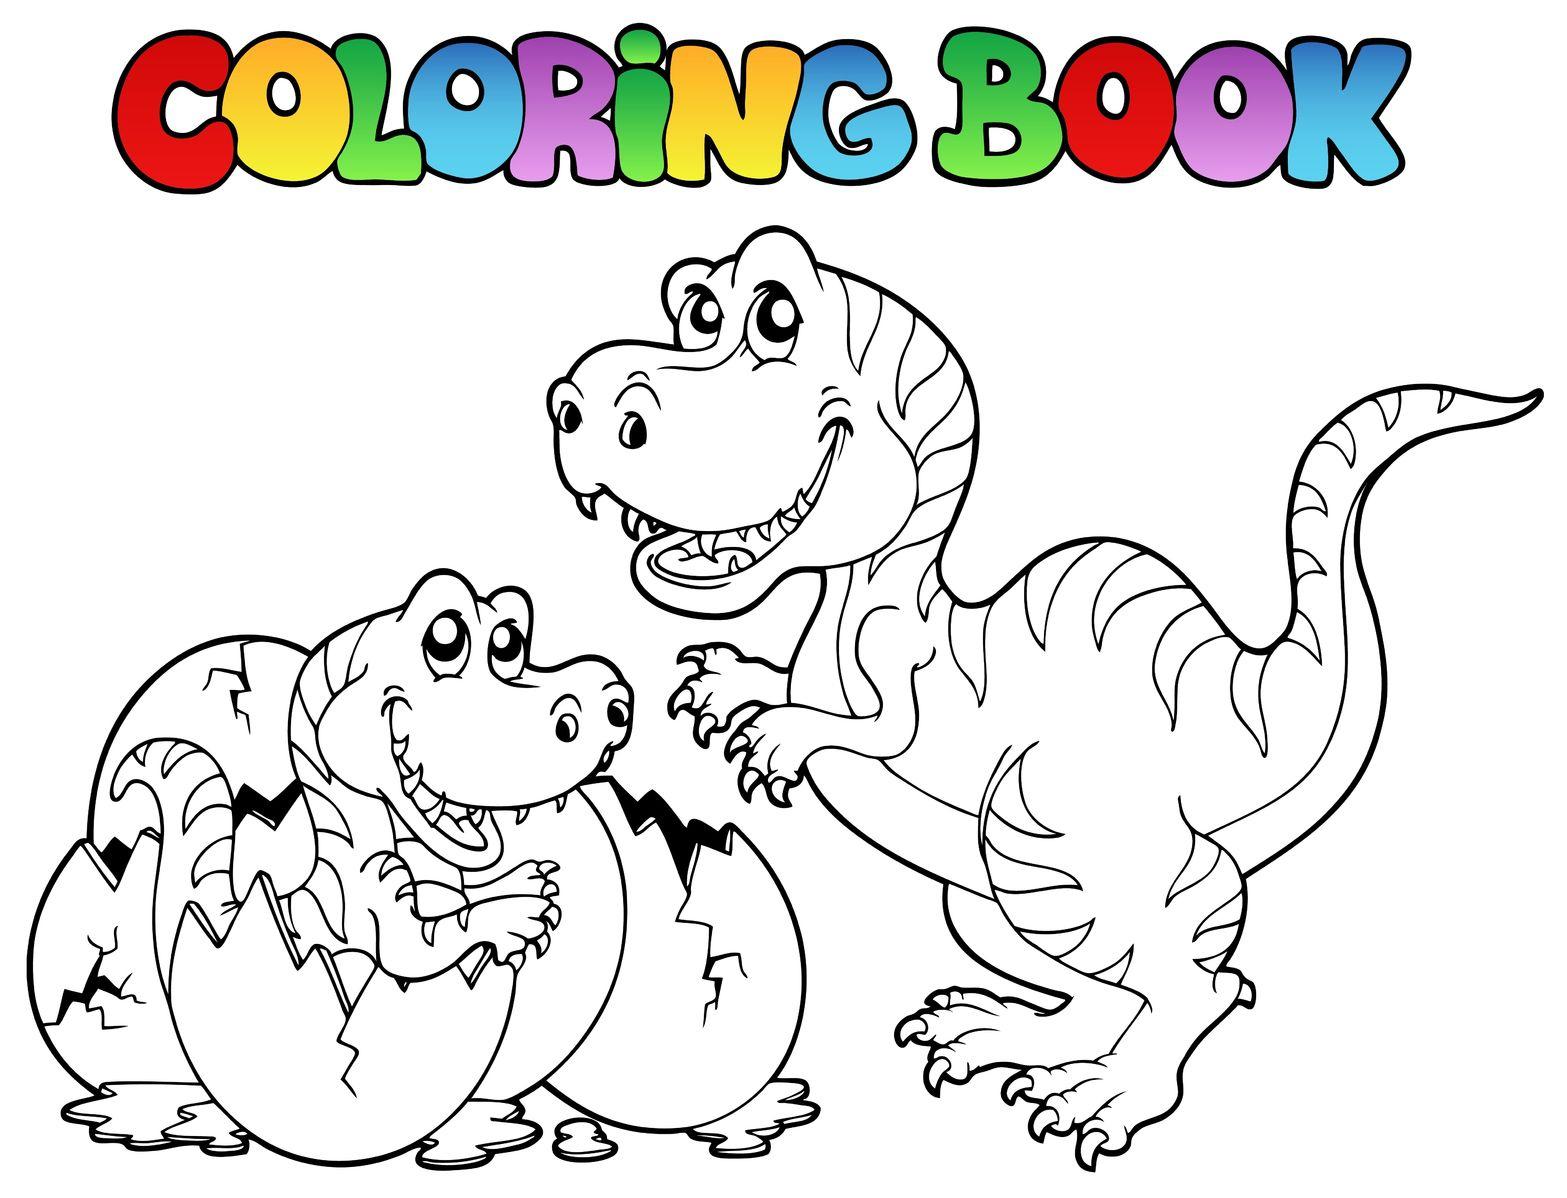 Coloriage Gratuit - Dino-Shop tout Coloriage Gratuit A Imprimer